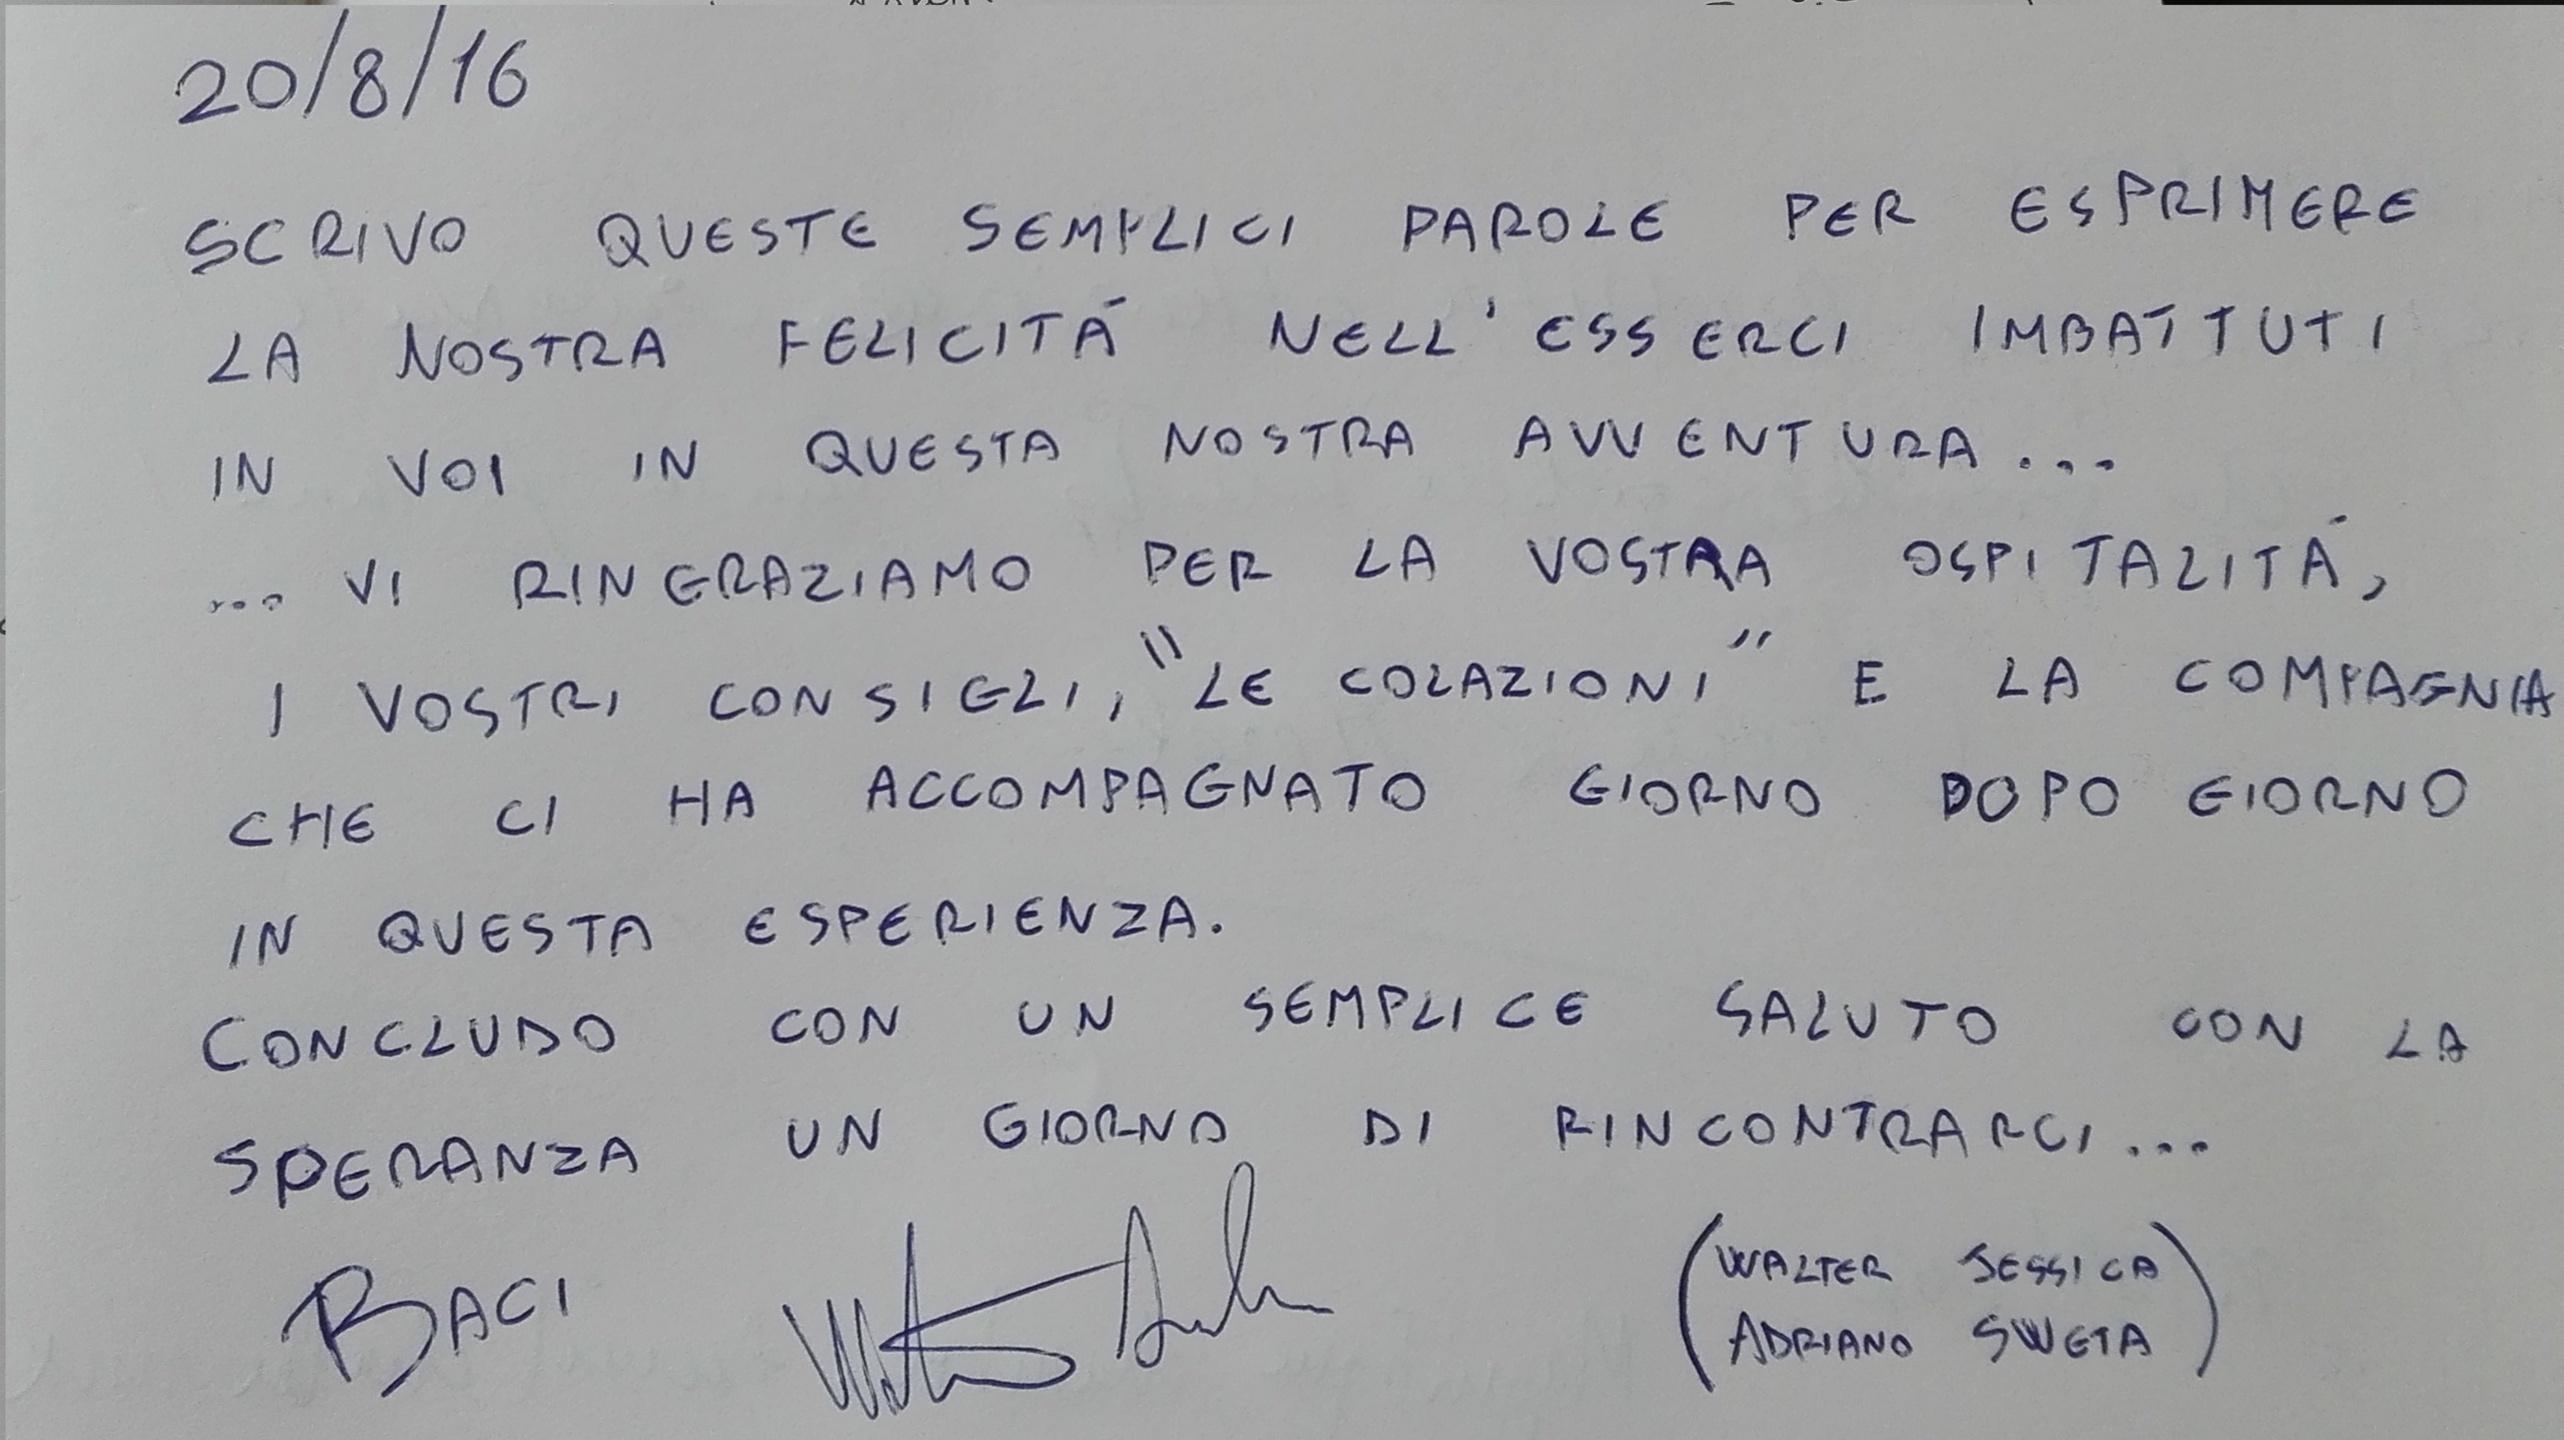 federico secondo b&b Napoli - booking centro storico Napoli